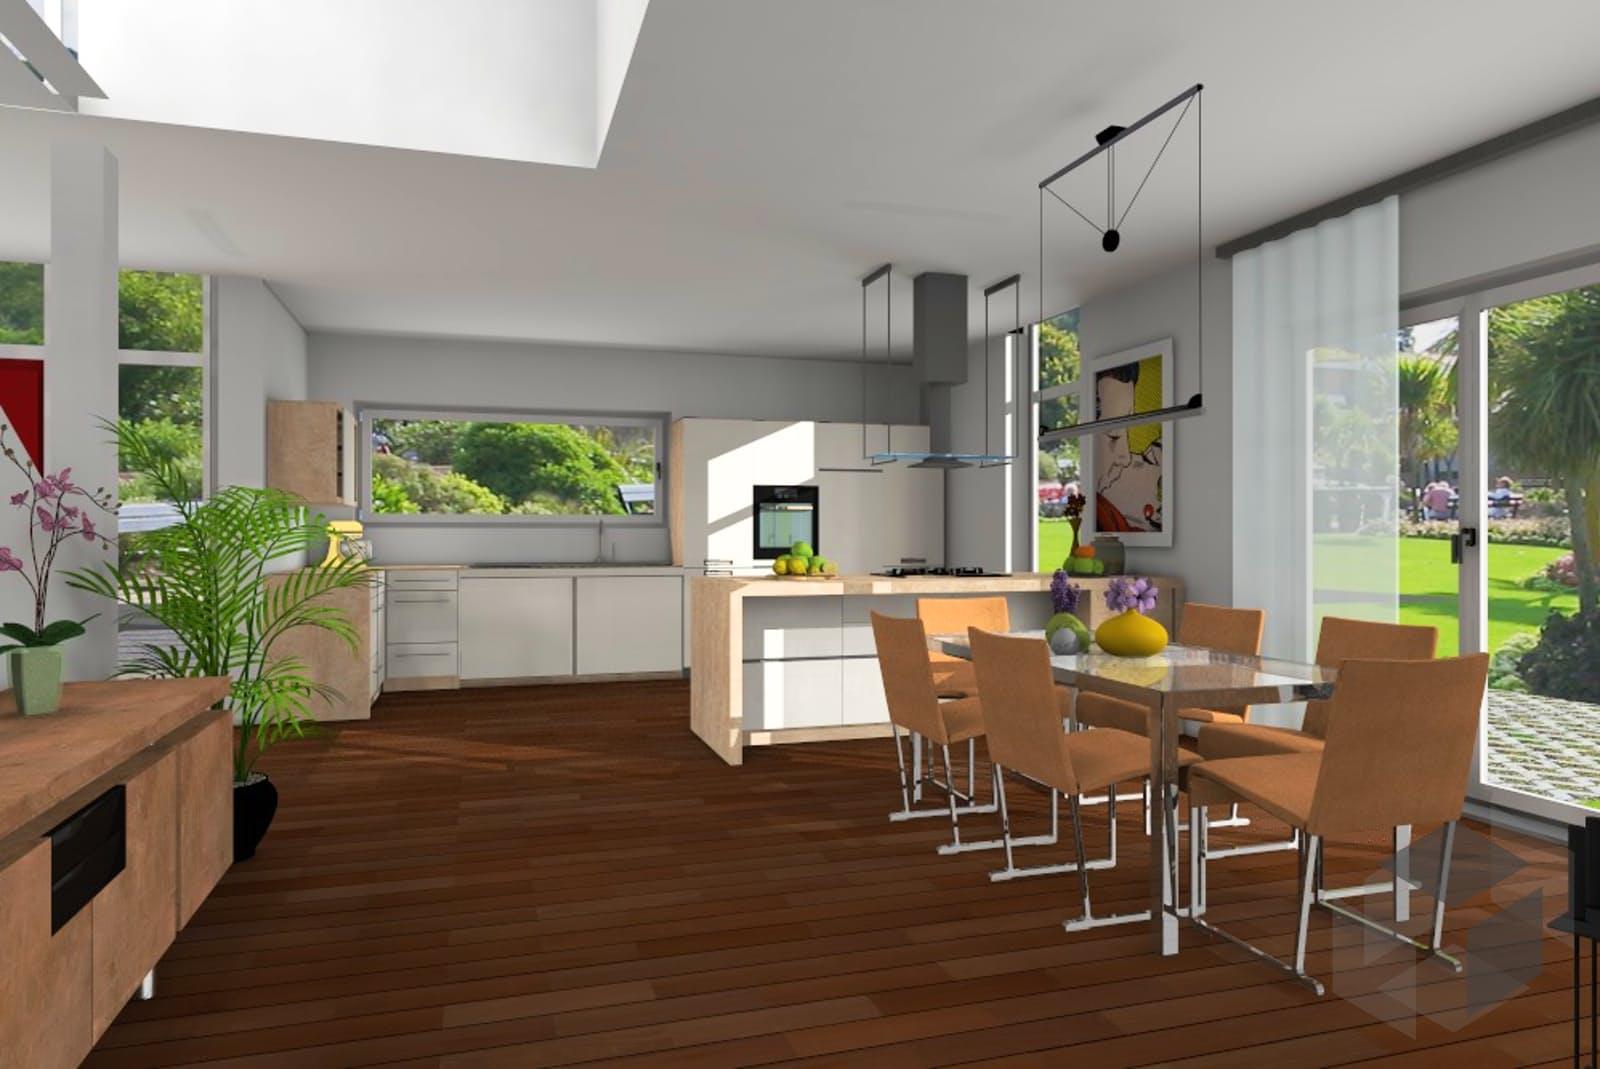 cube 250 von solid haus komplette daten bersicht. Black Bedroom Furniture Sets. Home Design Ideas